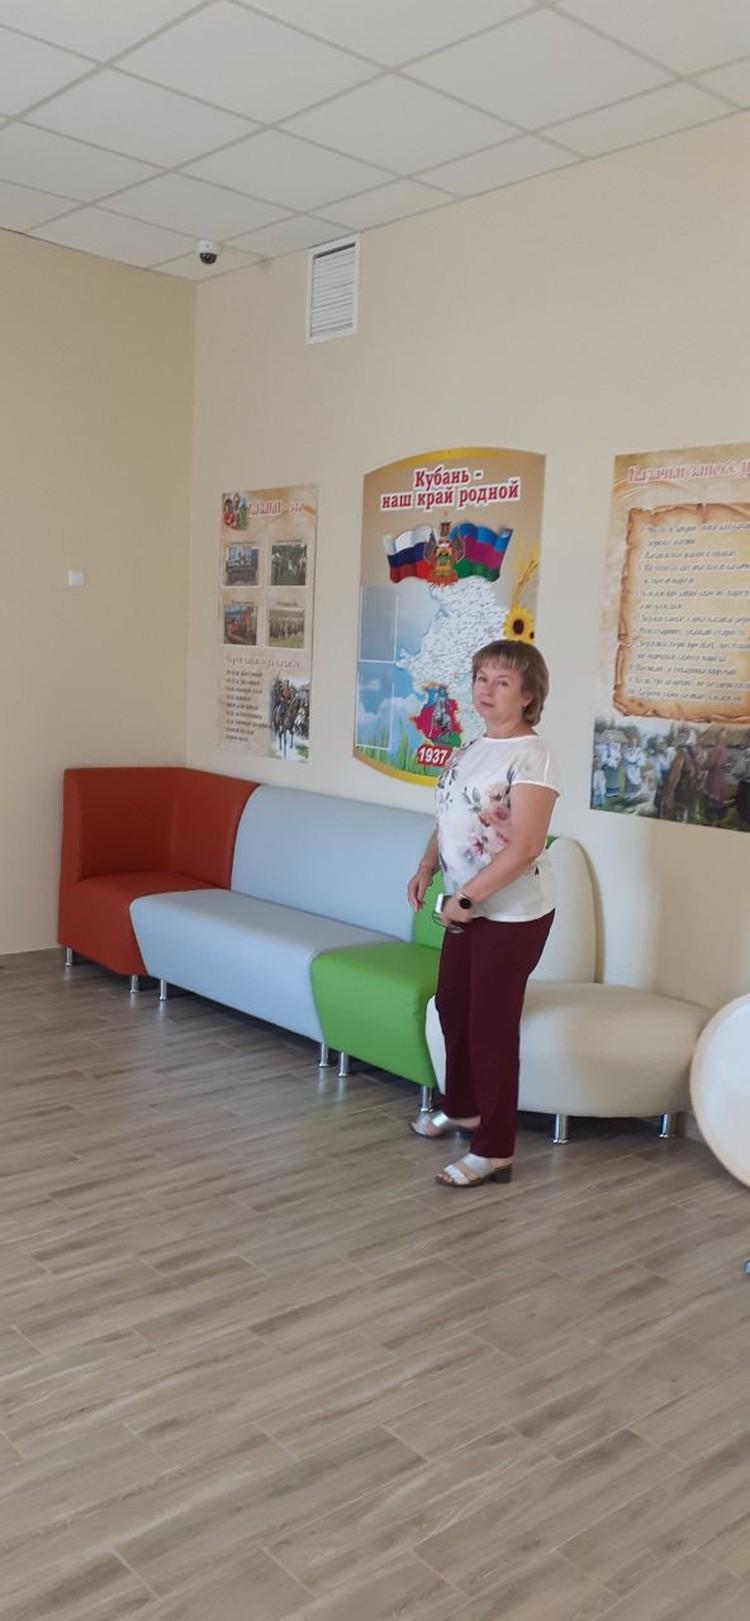 Директор Ольга Ращектаева провела для нас экскурсию по школе